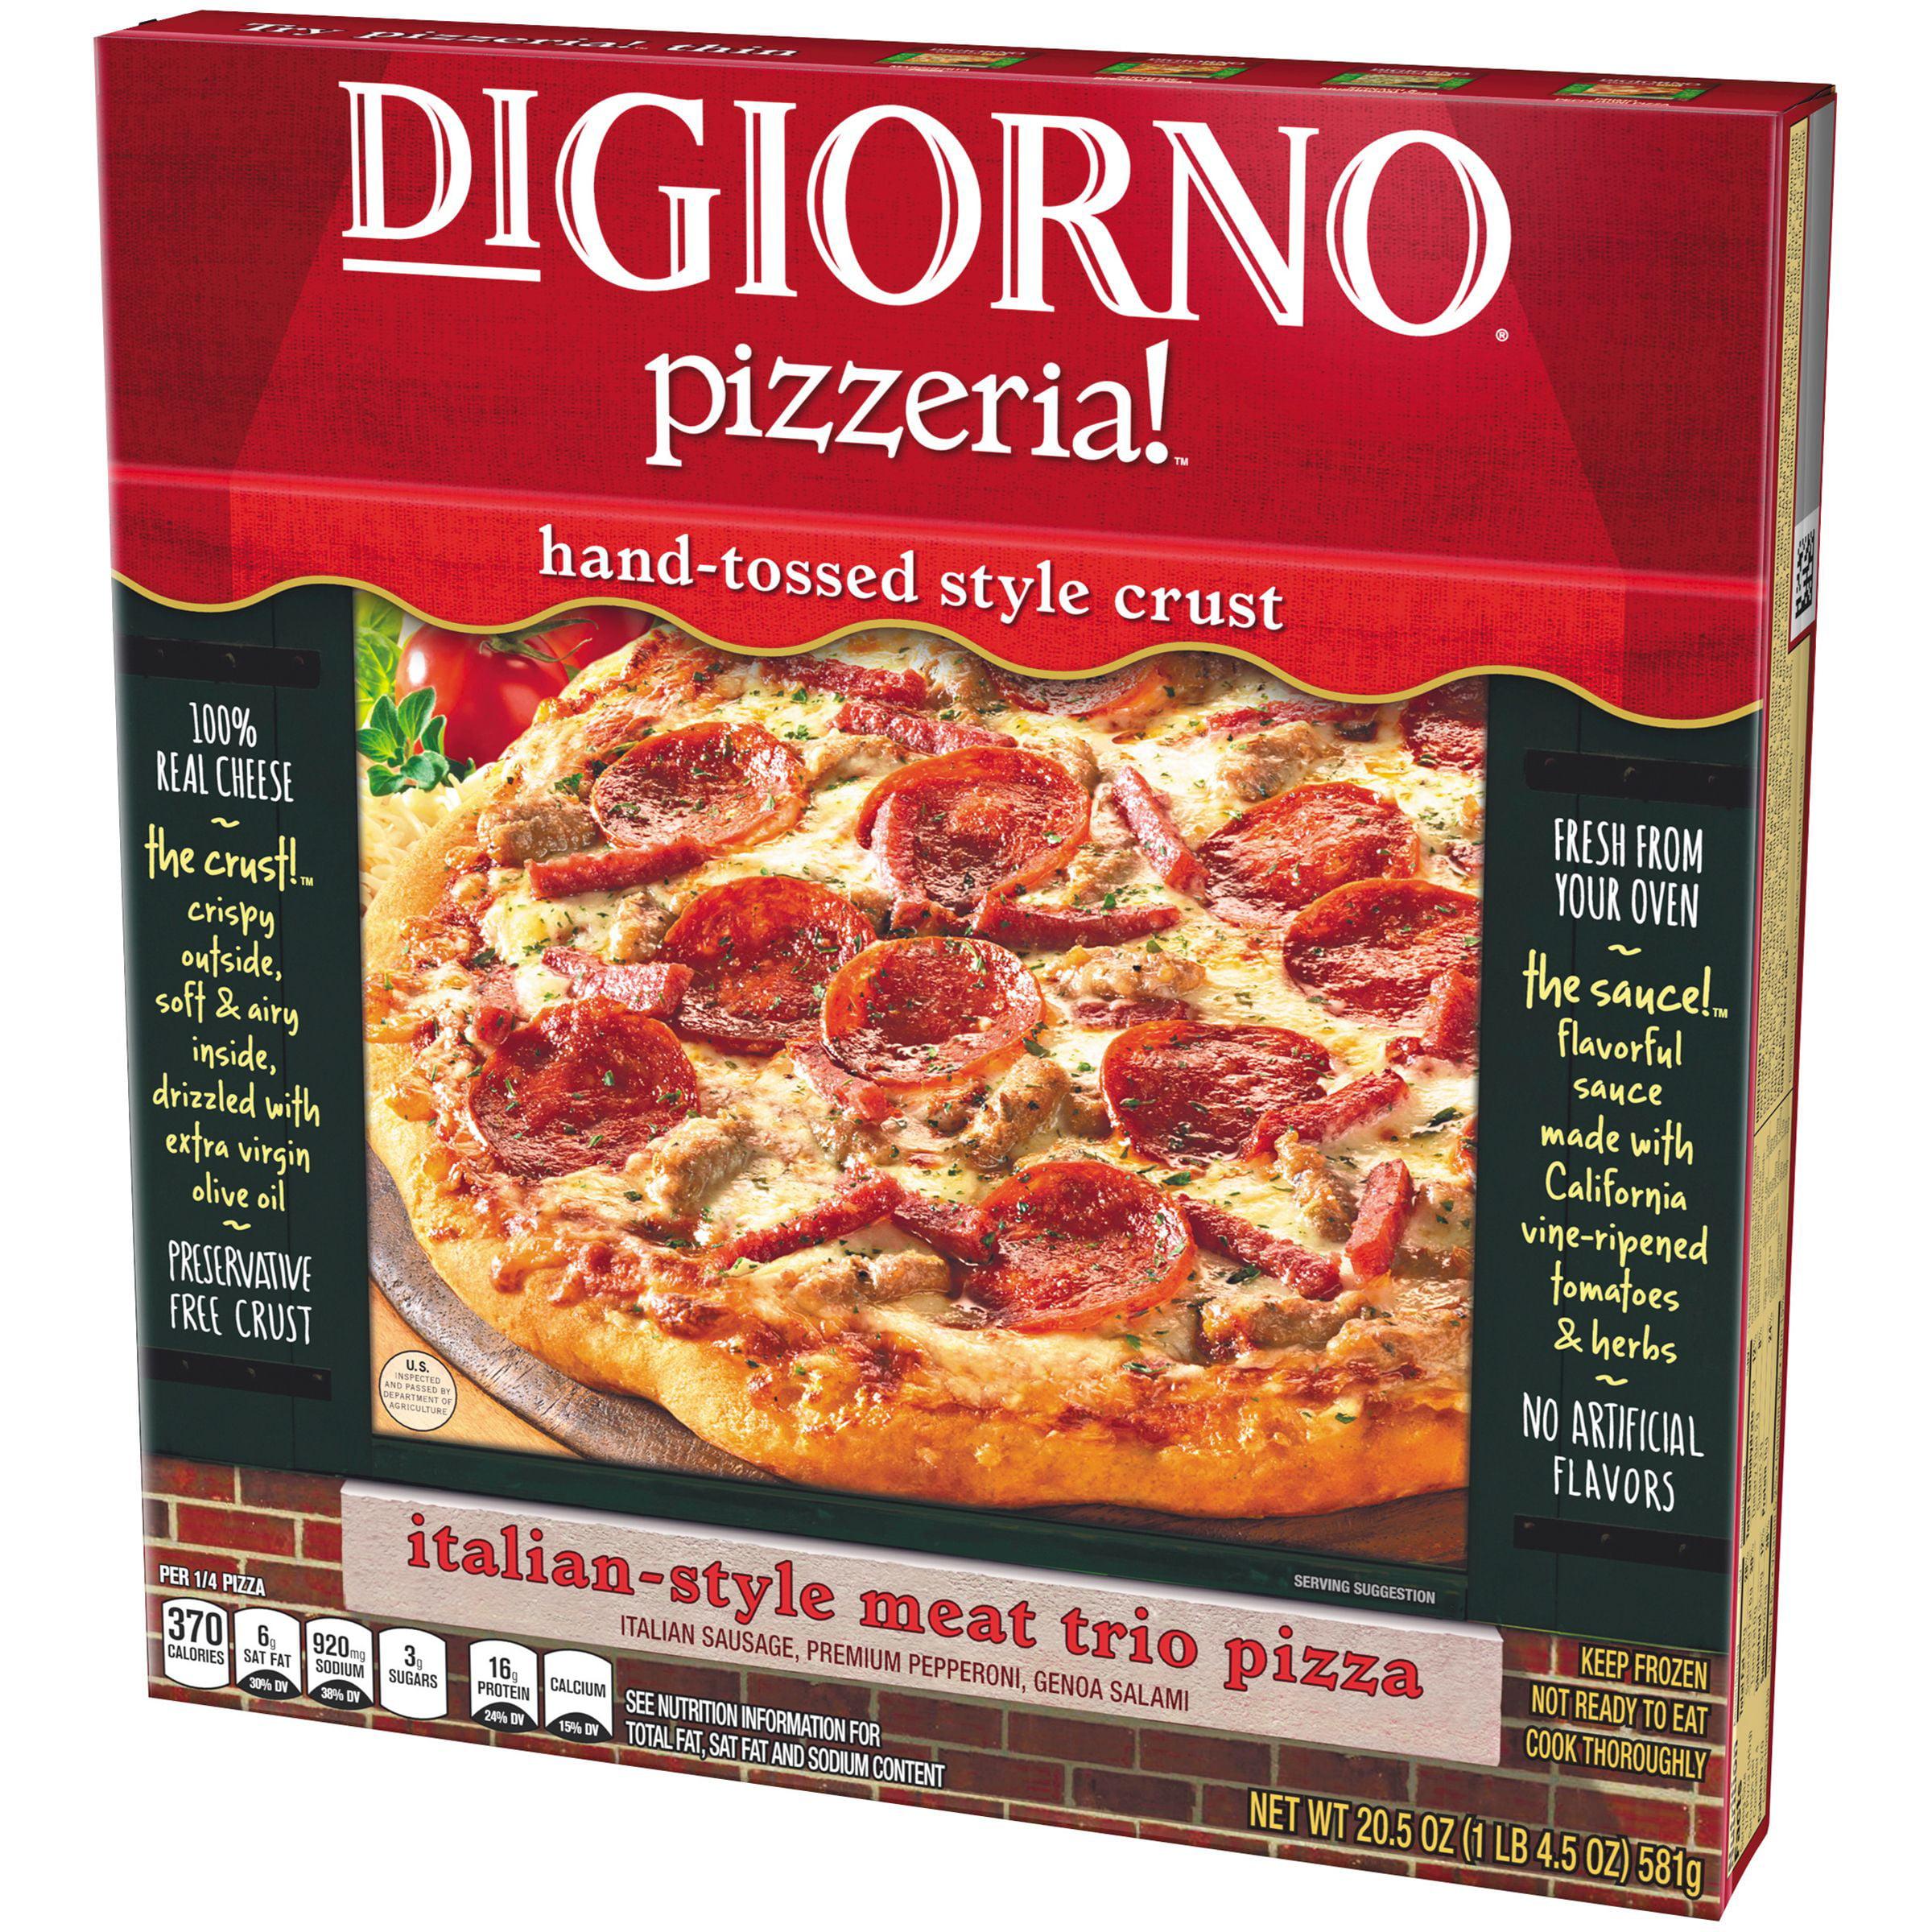 Digiorno Frozen Pizza digiorno pizzeria! italian style meat trio pizza 20.5 oz. box